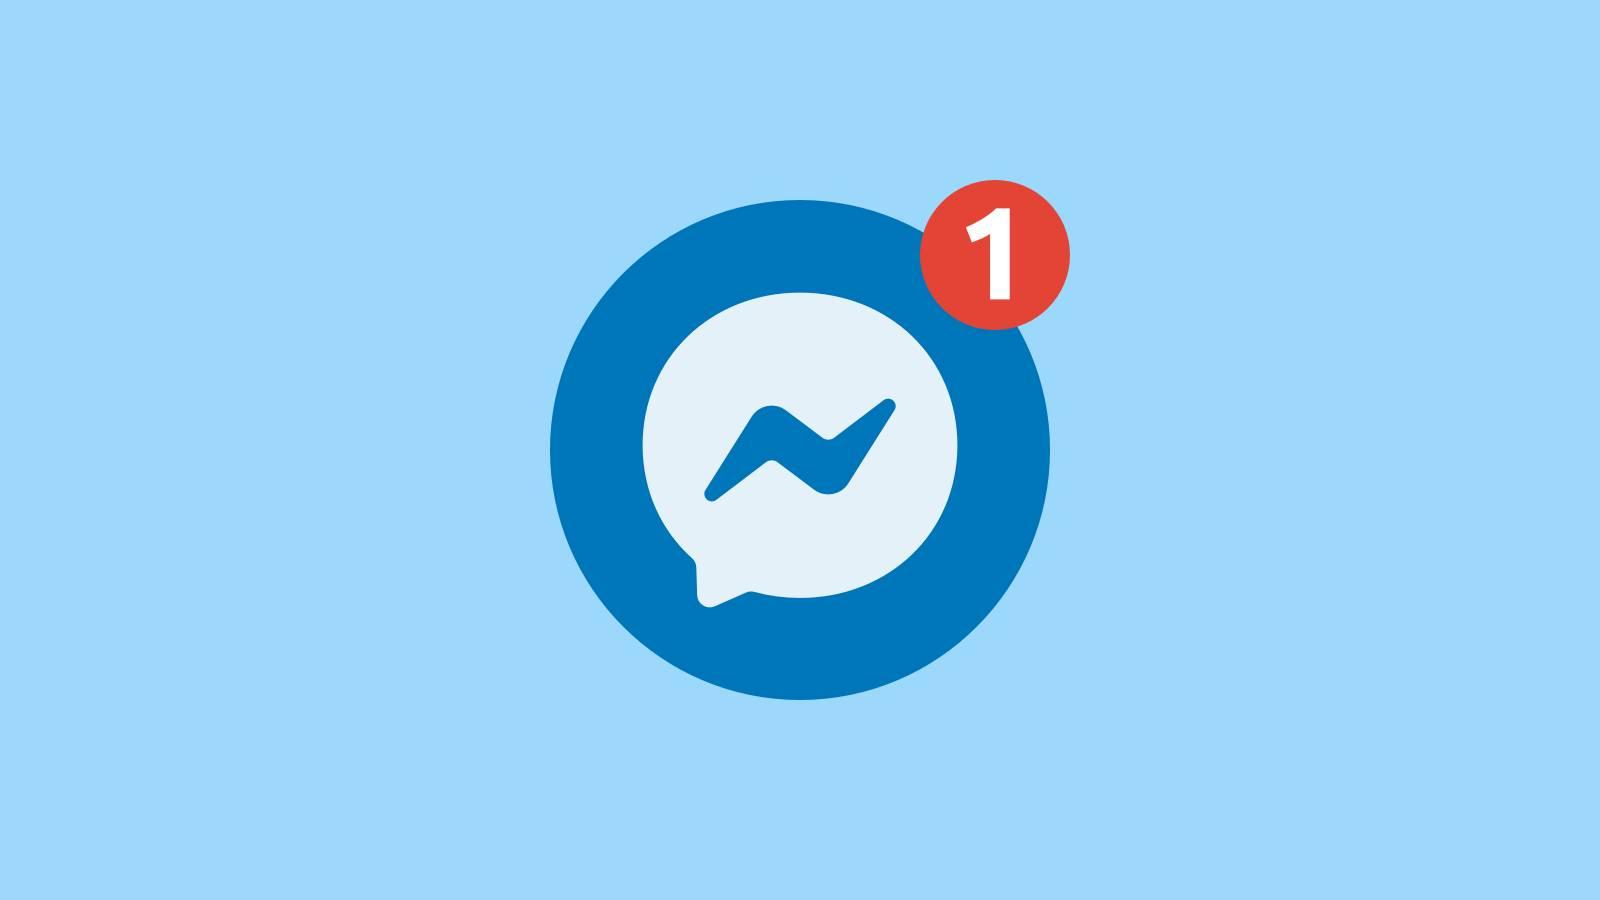 Facebook Messenger update schimbari noi telefoane